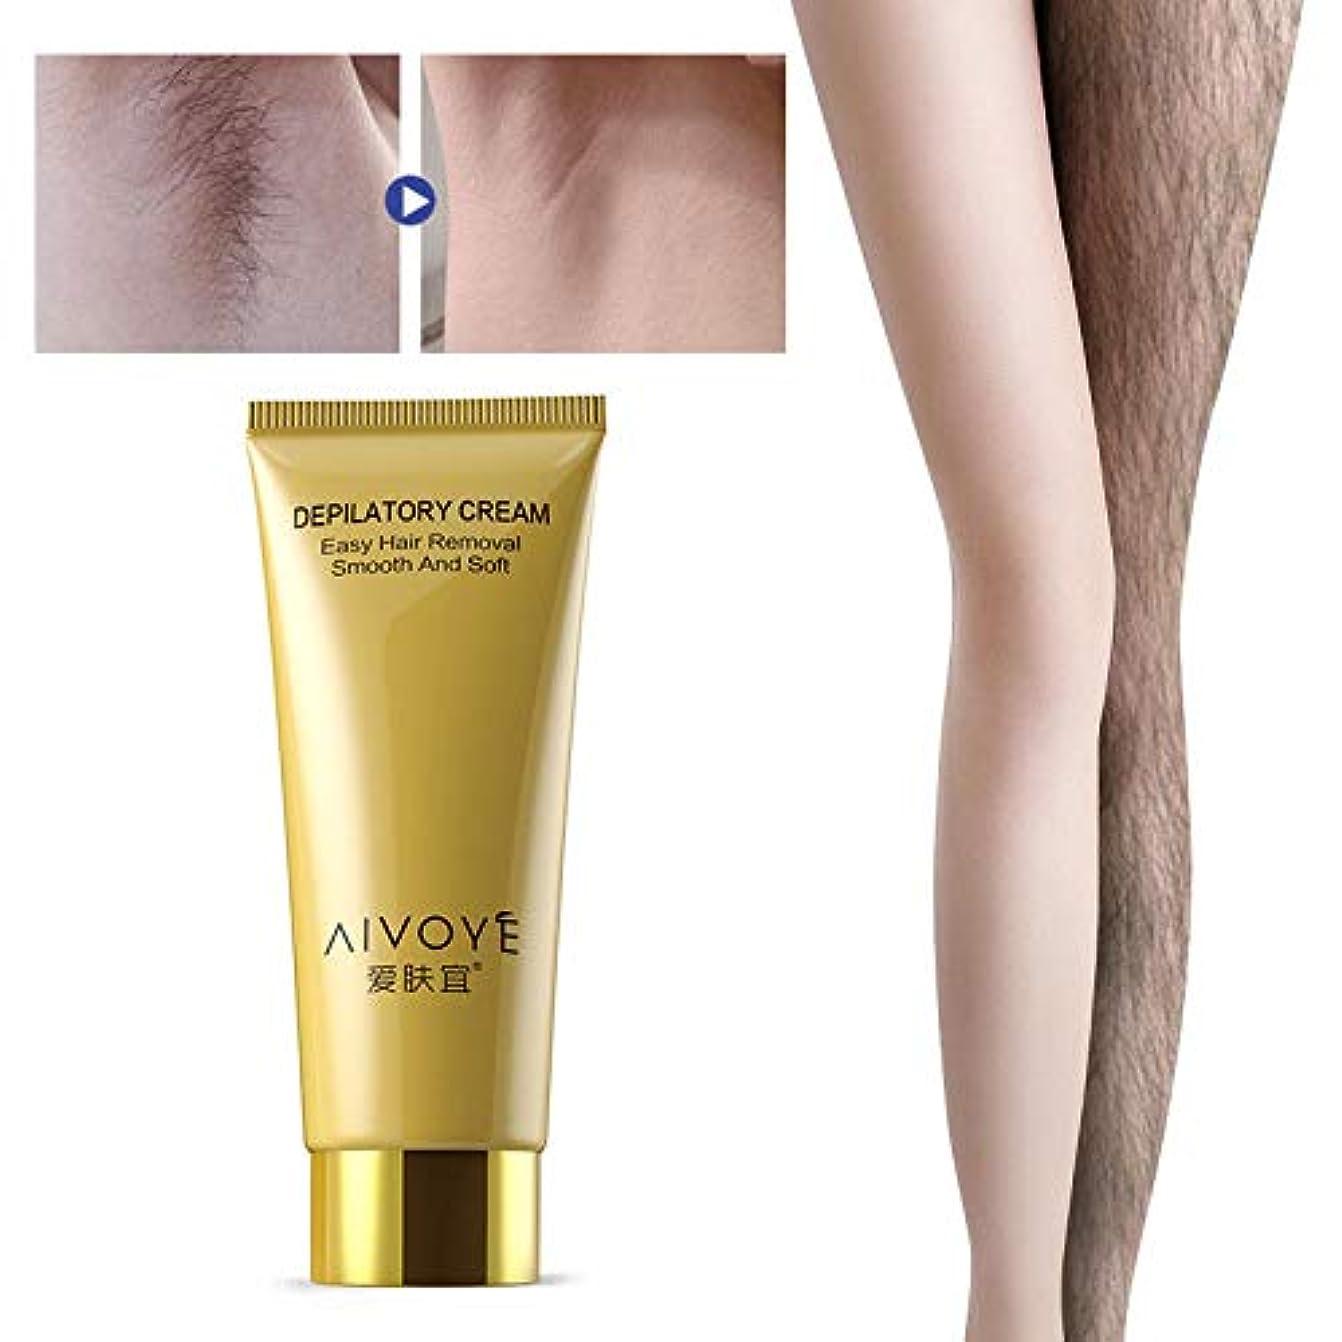 シティ苛性びんRabugoo 60g男性女性安全な痛みを抑える脱毛クリーム脚の体のための滑らかな肌の脱毛クリーム